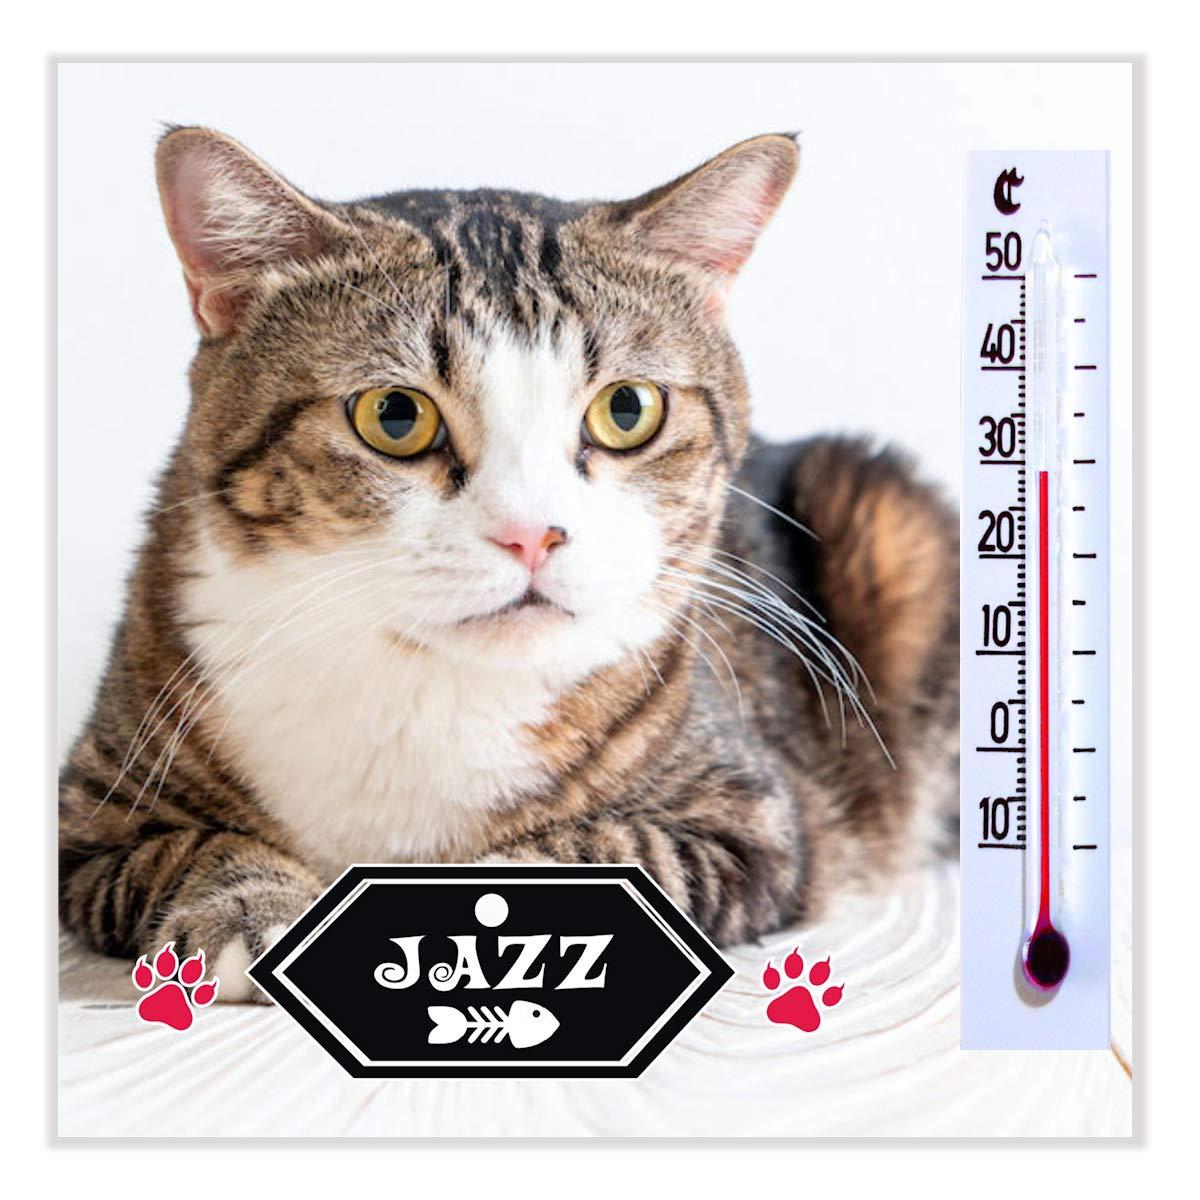 Placas- Etiquetas para Gatos Mascotas Personalizados con la Foto de Tu Gato para Regalar a Tus Amigos y Familiares - ¡Alucinarán! - Tu Gato es Único - 20 Originales Imanes con Termómetro: